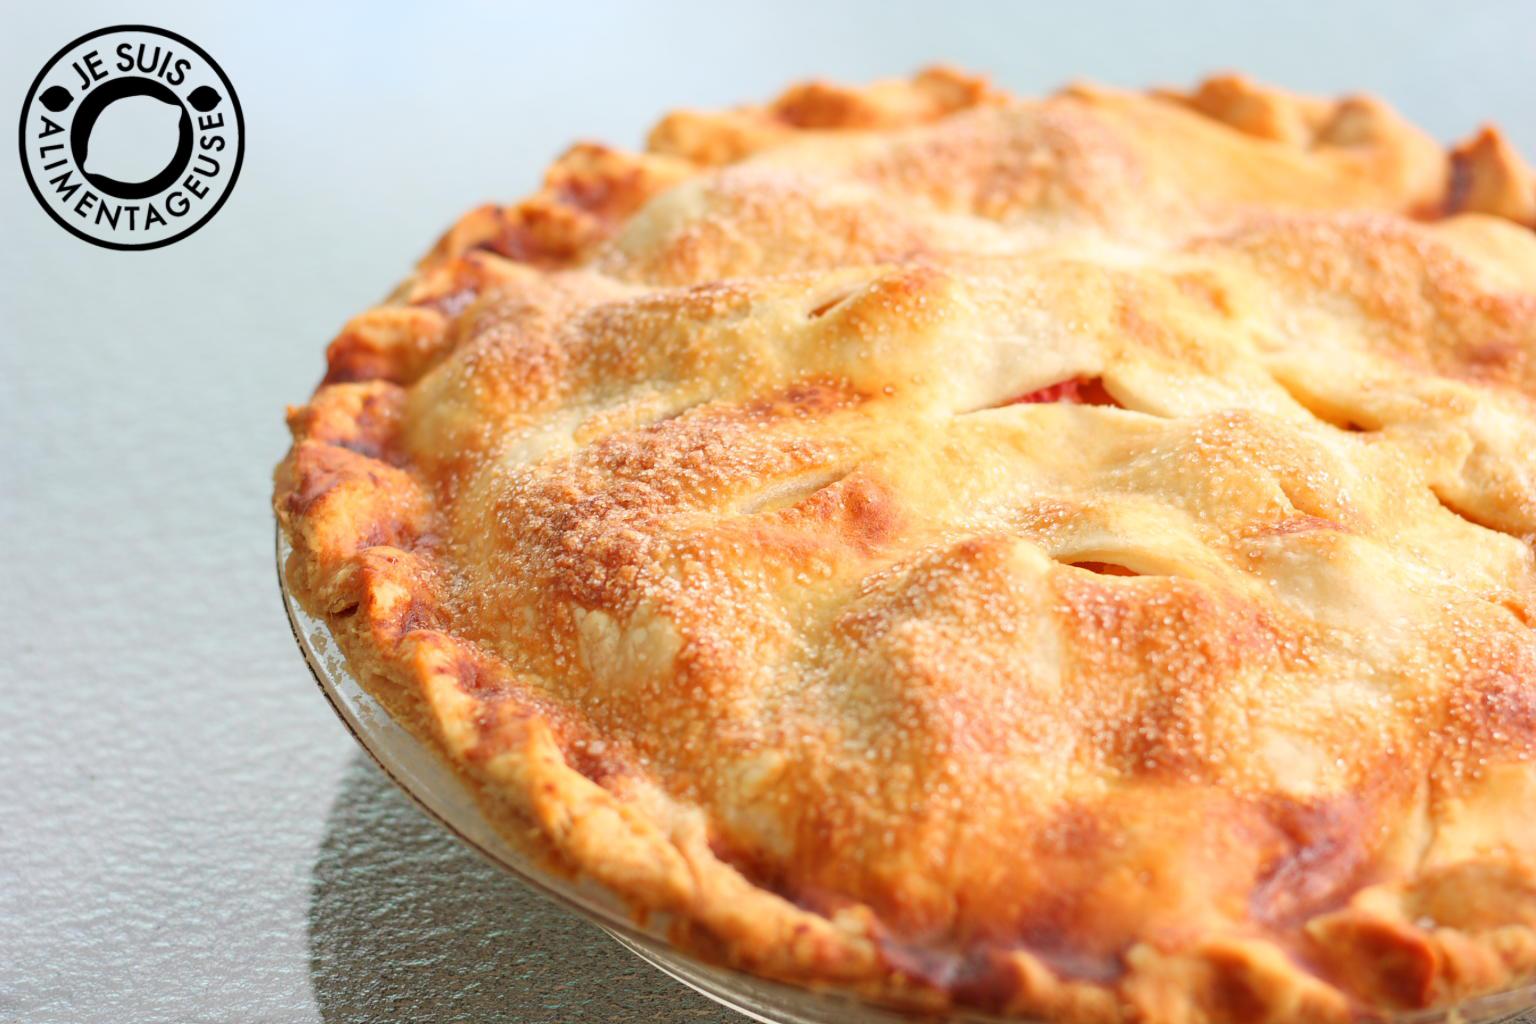 peach cobbler aka peach puzzle peach pie peach pie peach old fashioned ...